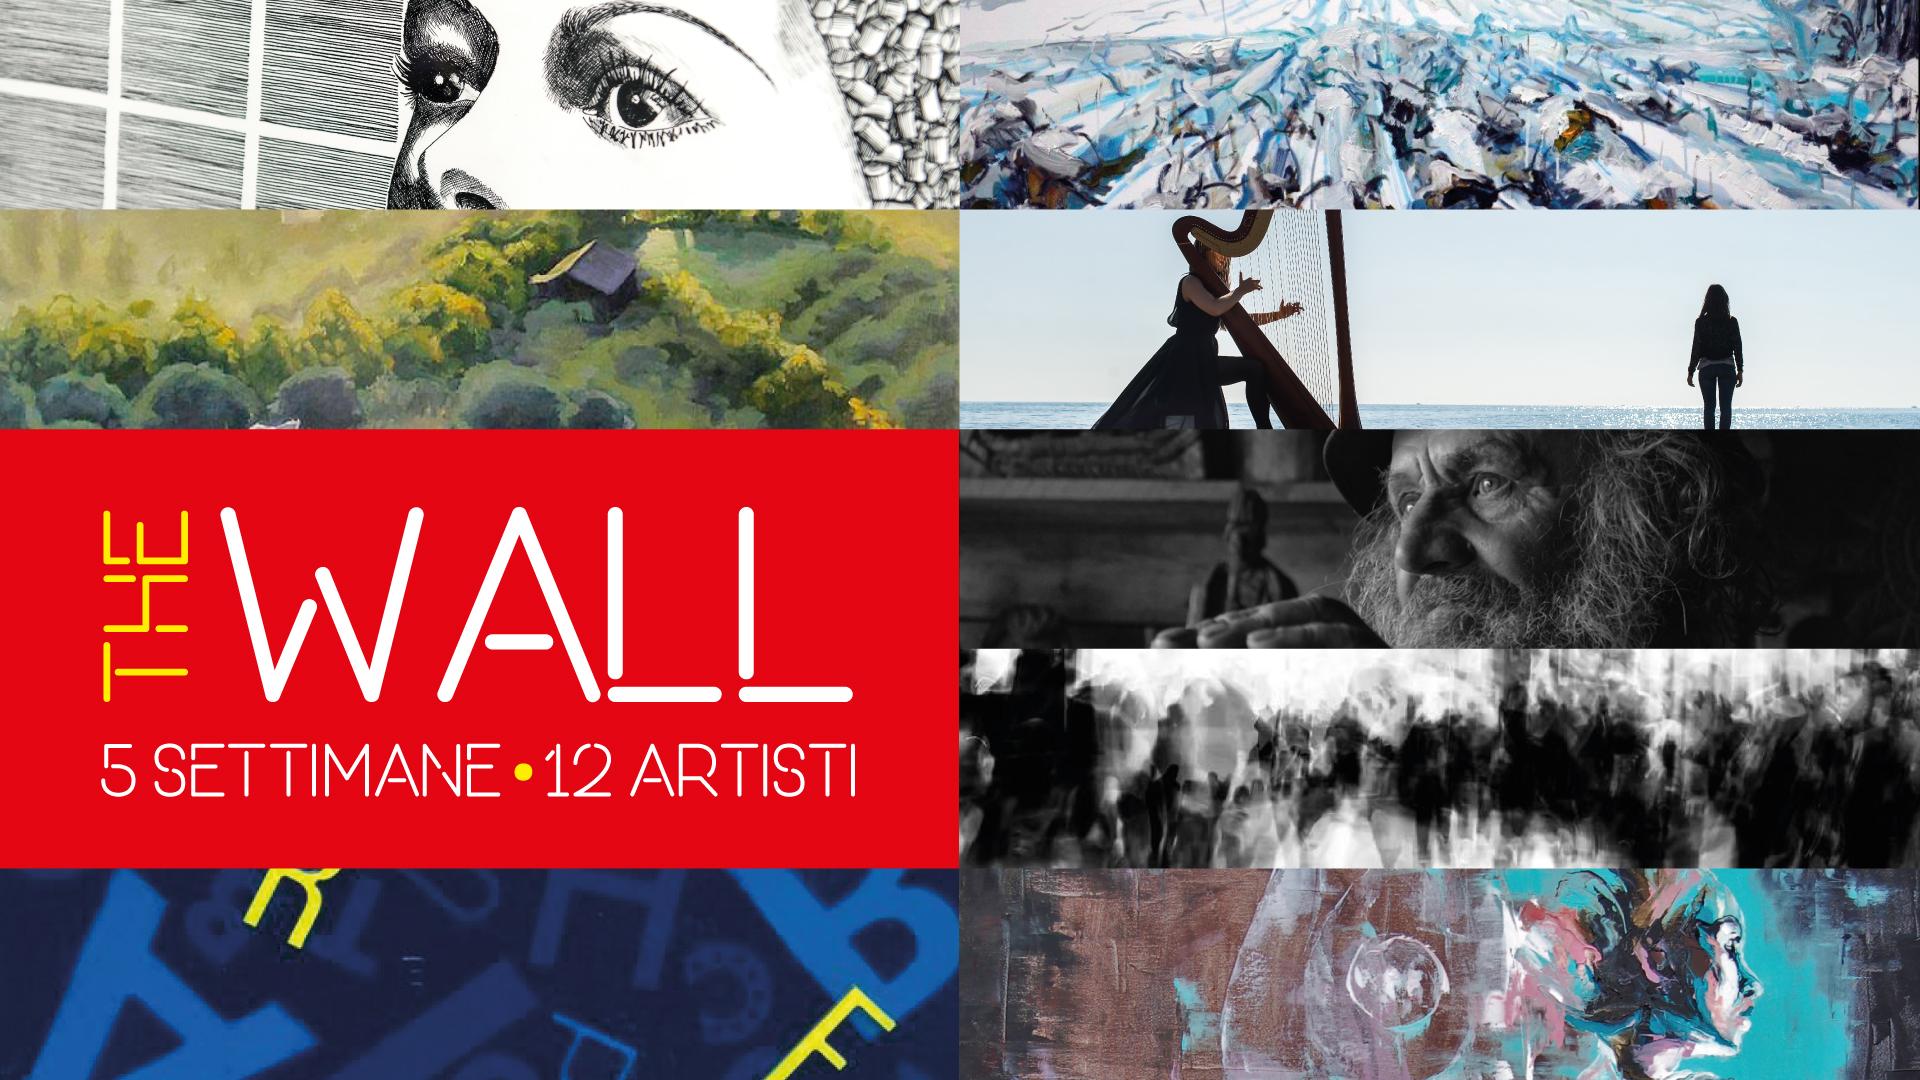 Pietrelcina, al via la mostra 'The Wall' con artisti italiani ed europei